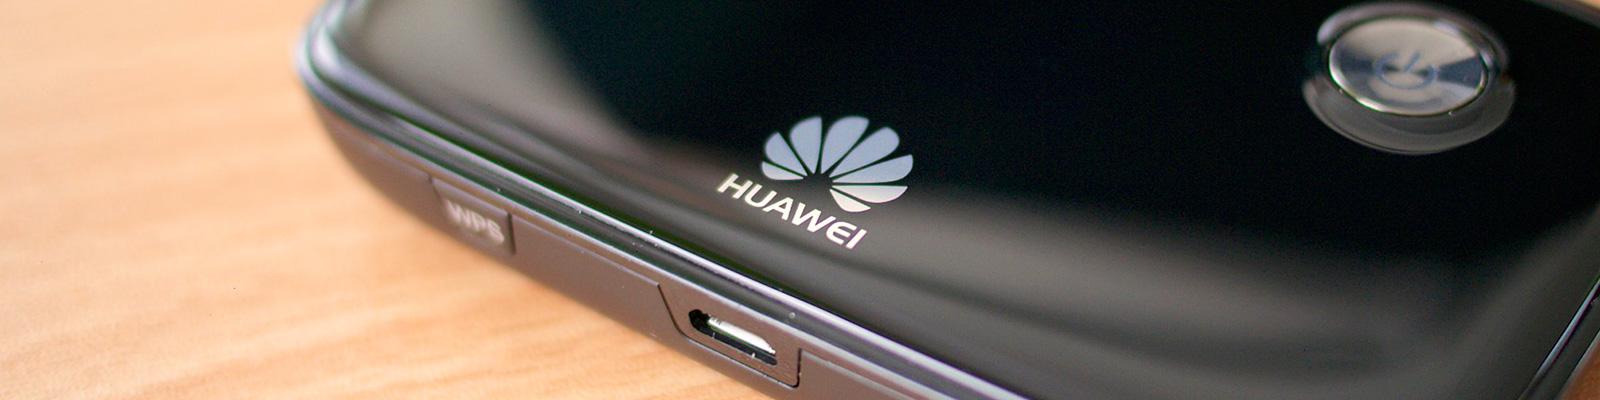 ファーウェイ(Huawei)